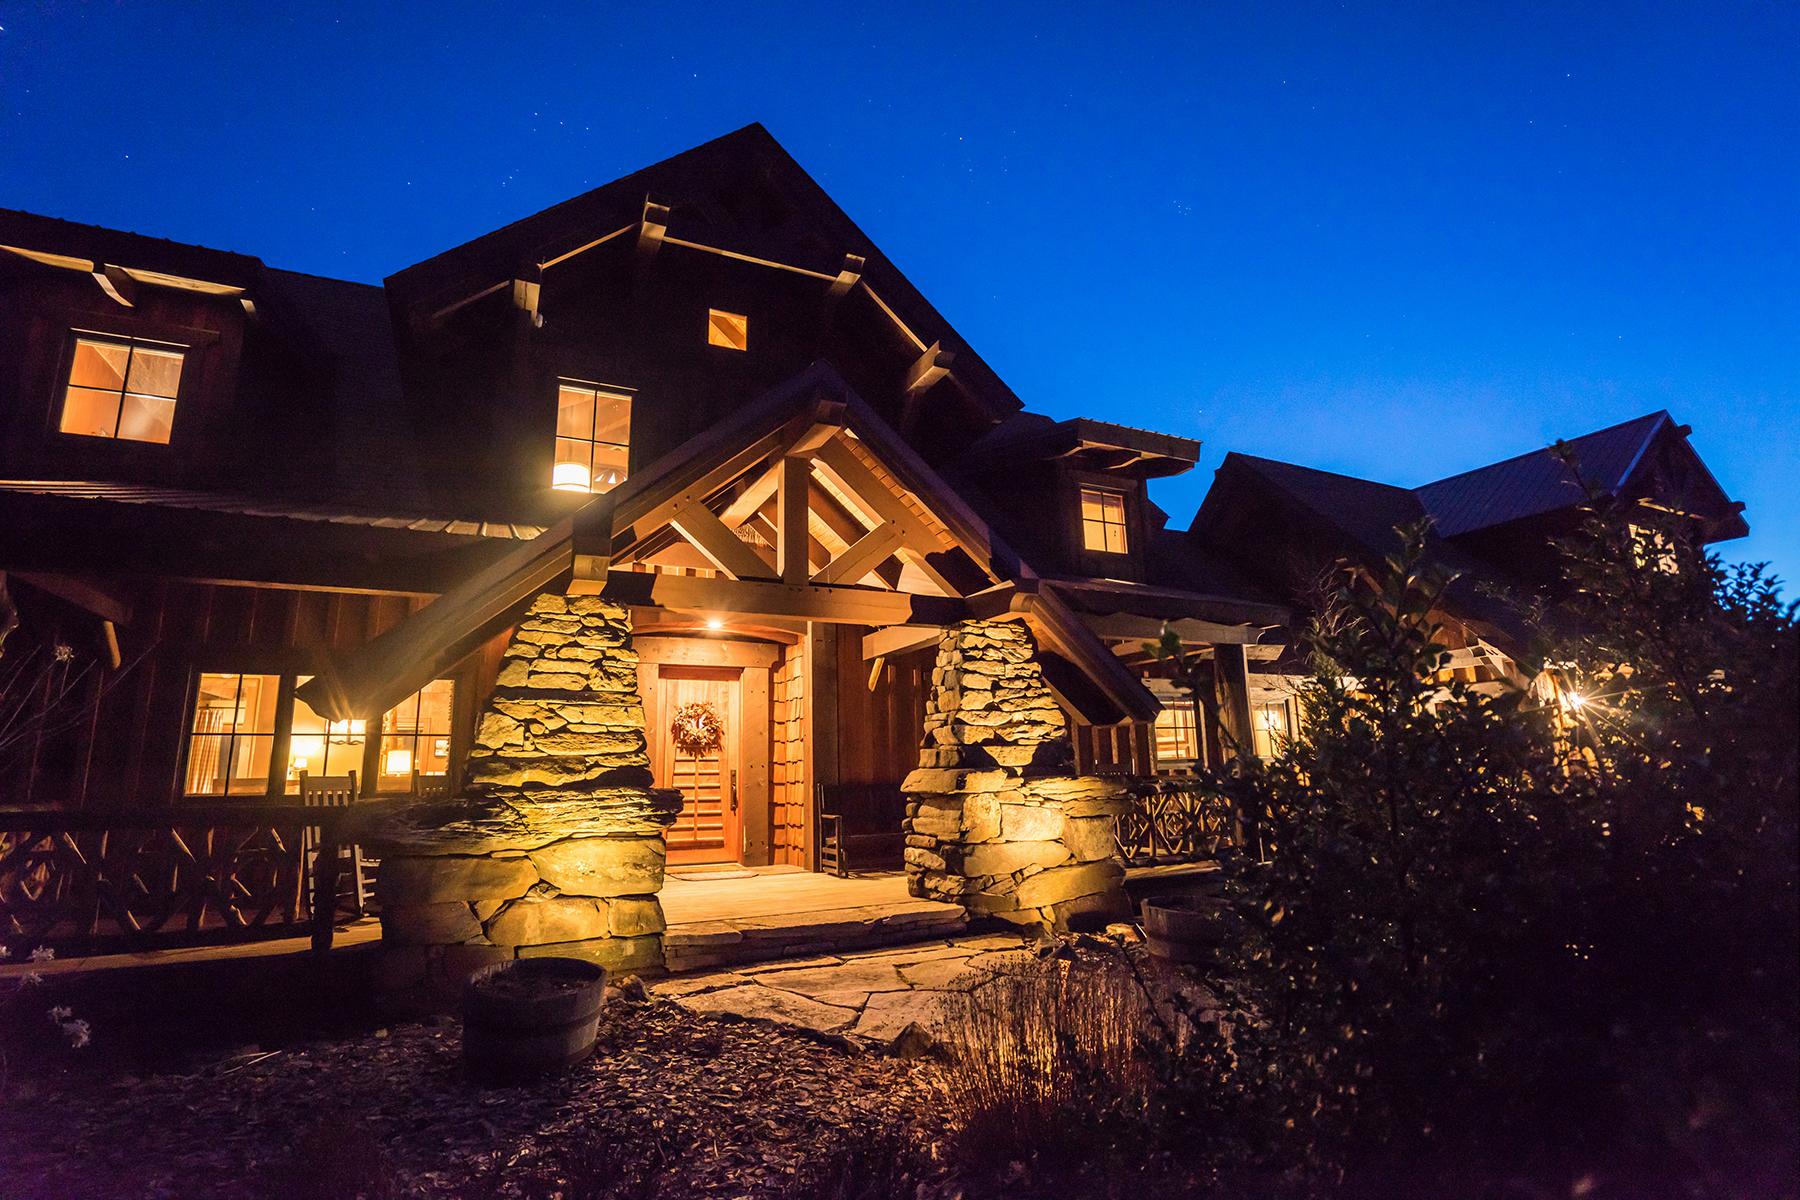 Single Family Home for Sale at Zionville - Sunalei Preserve 862 Buffalo Nvno Zionville, North Carolina, 28698 United States